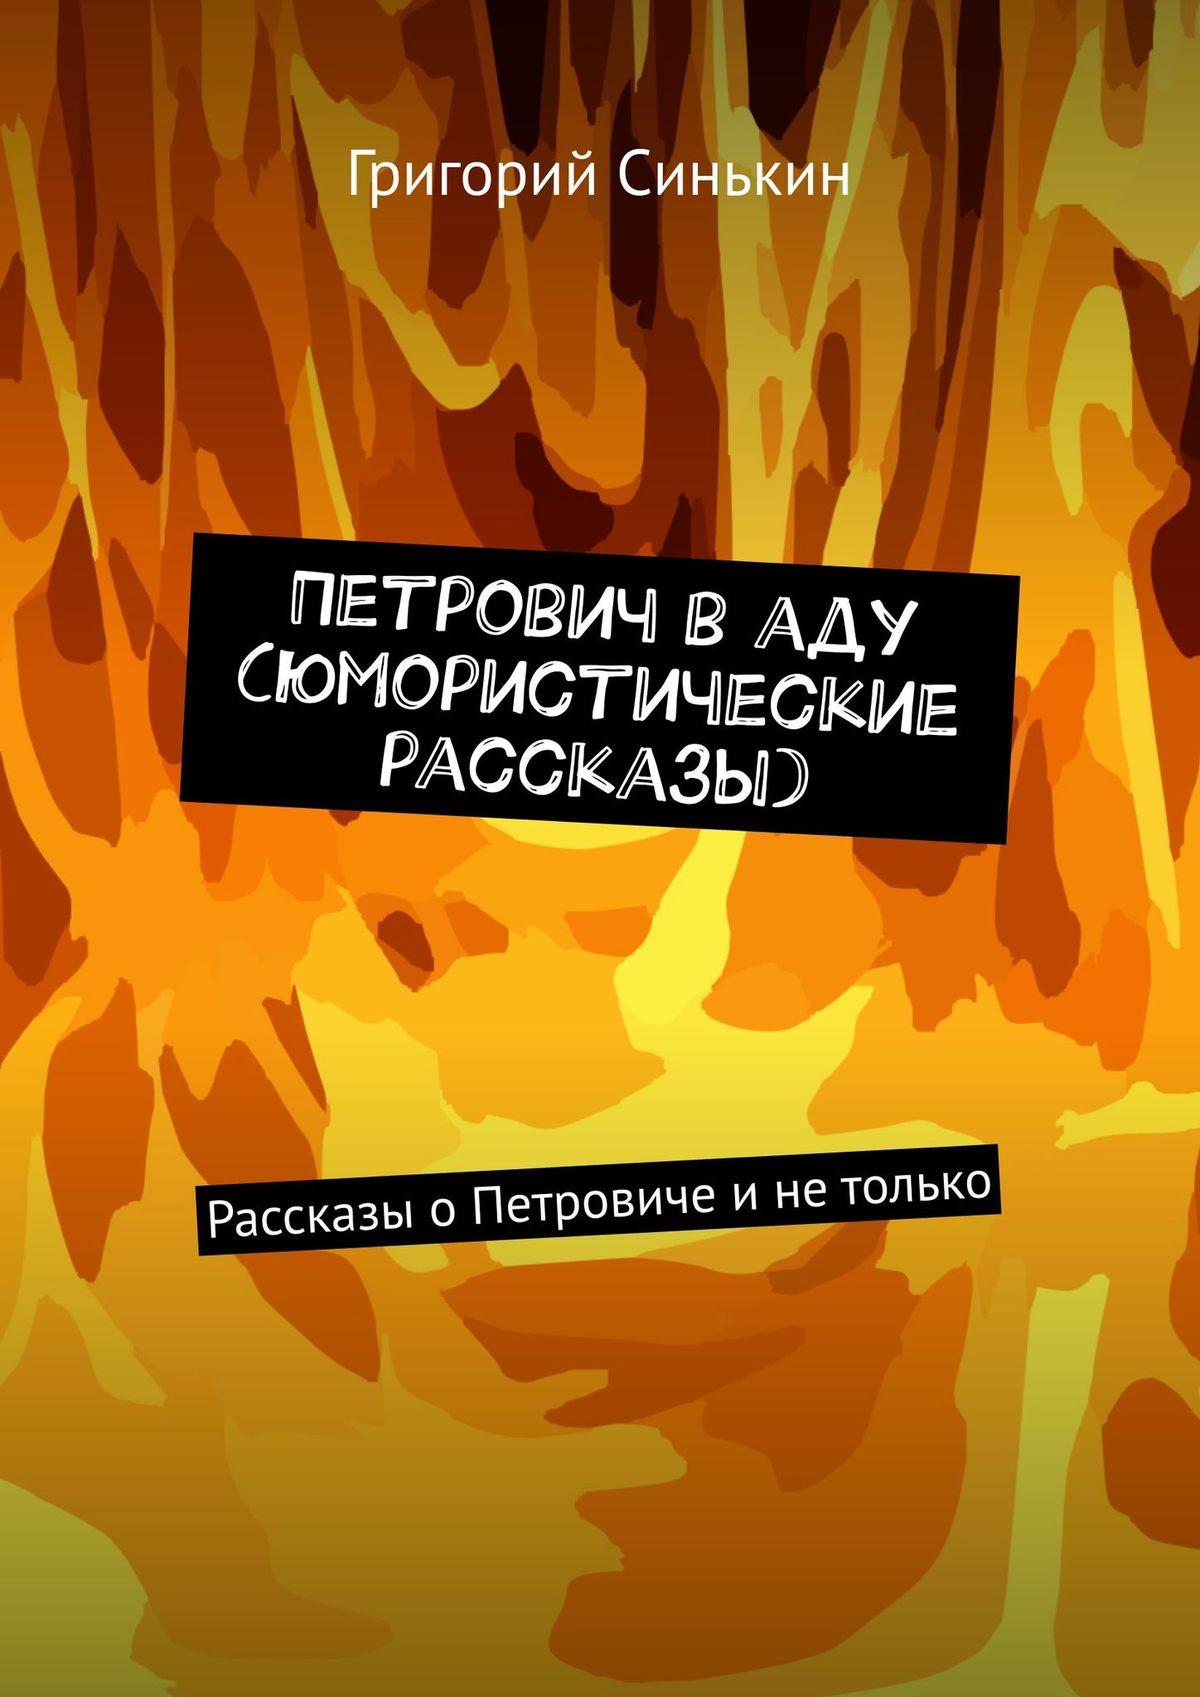 Петрович ваду (юмористические рассказы). Рассказы оПетровиче инетолько